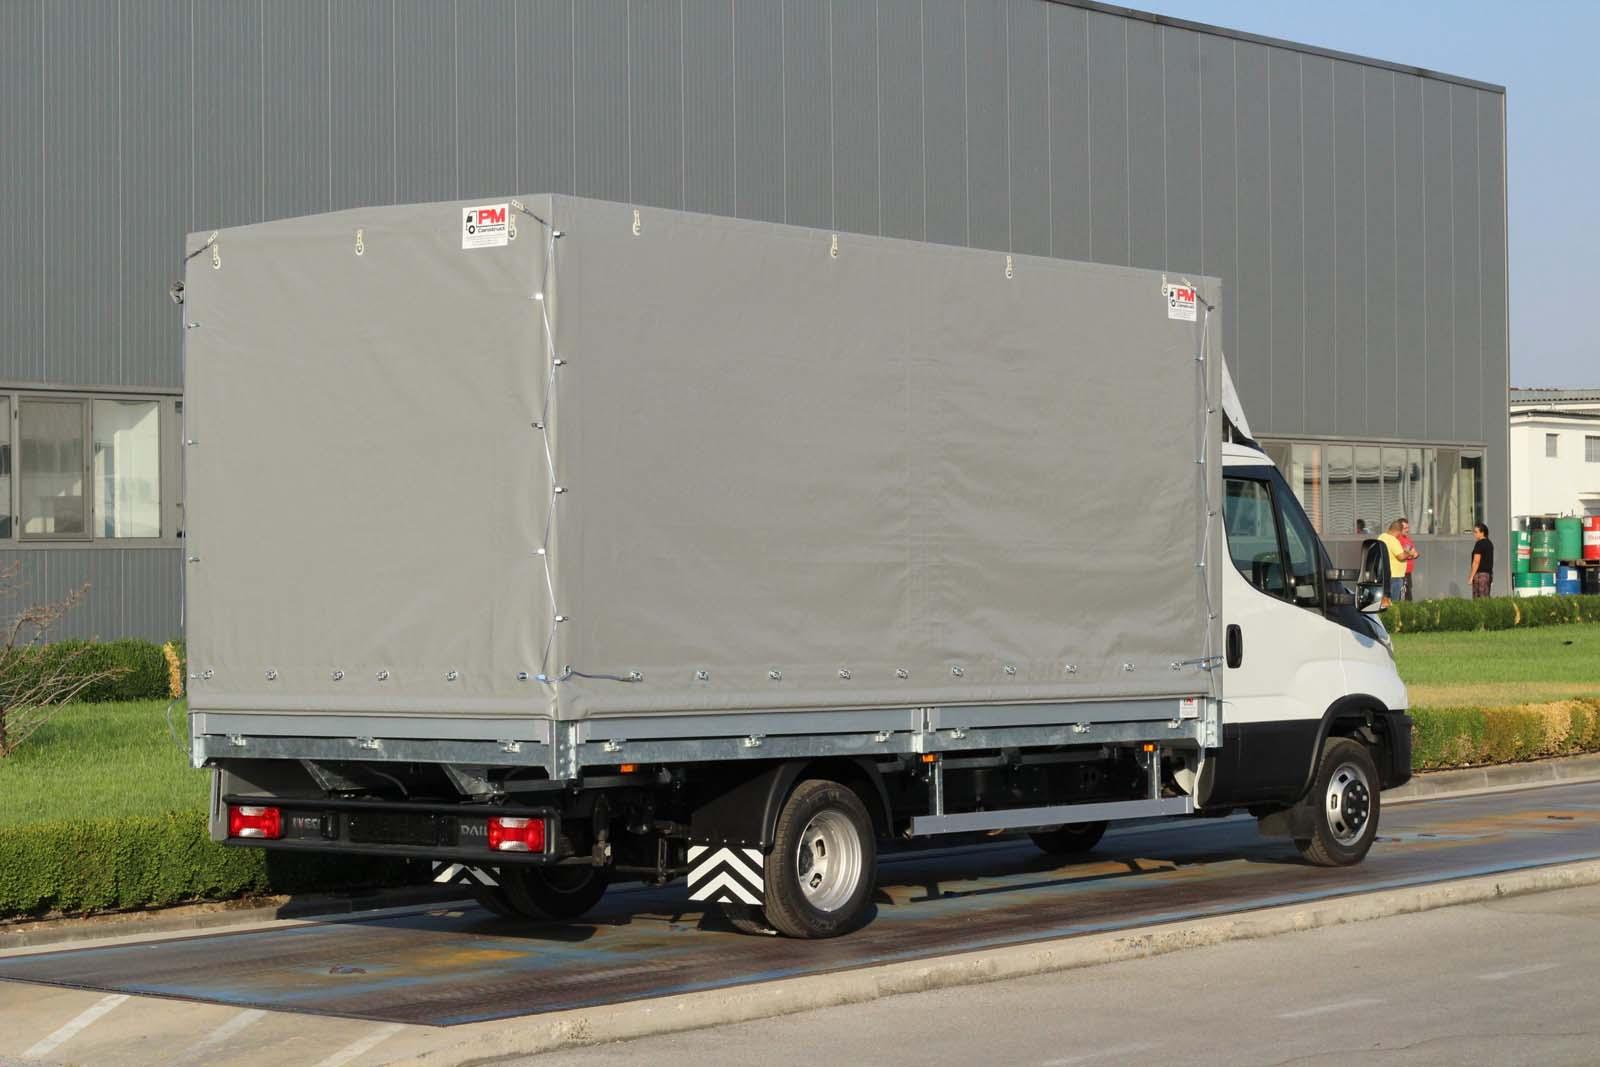 burgas-truck-service-upgrades-10